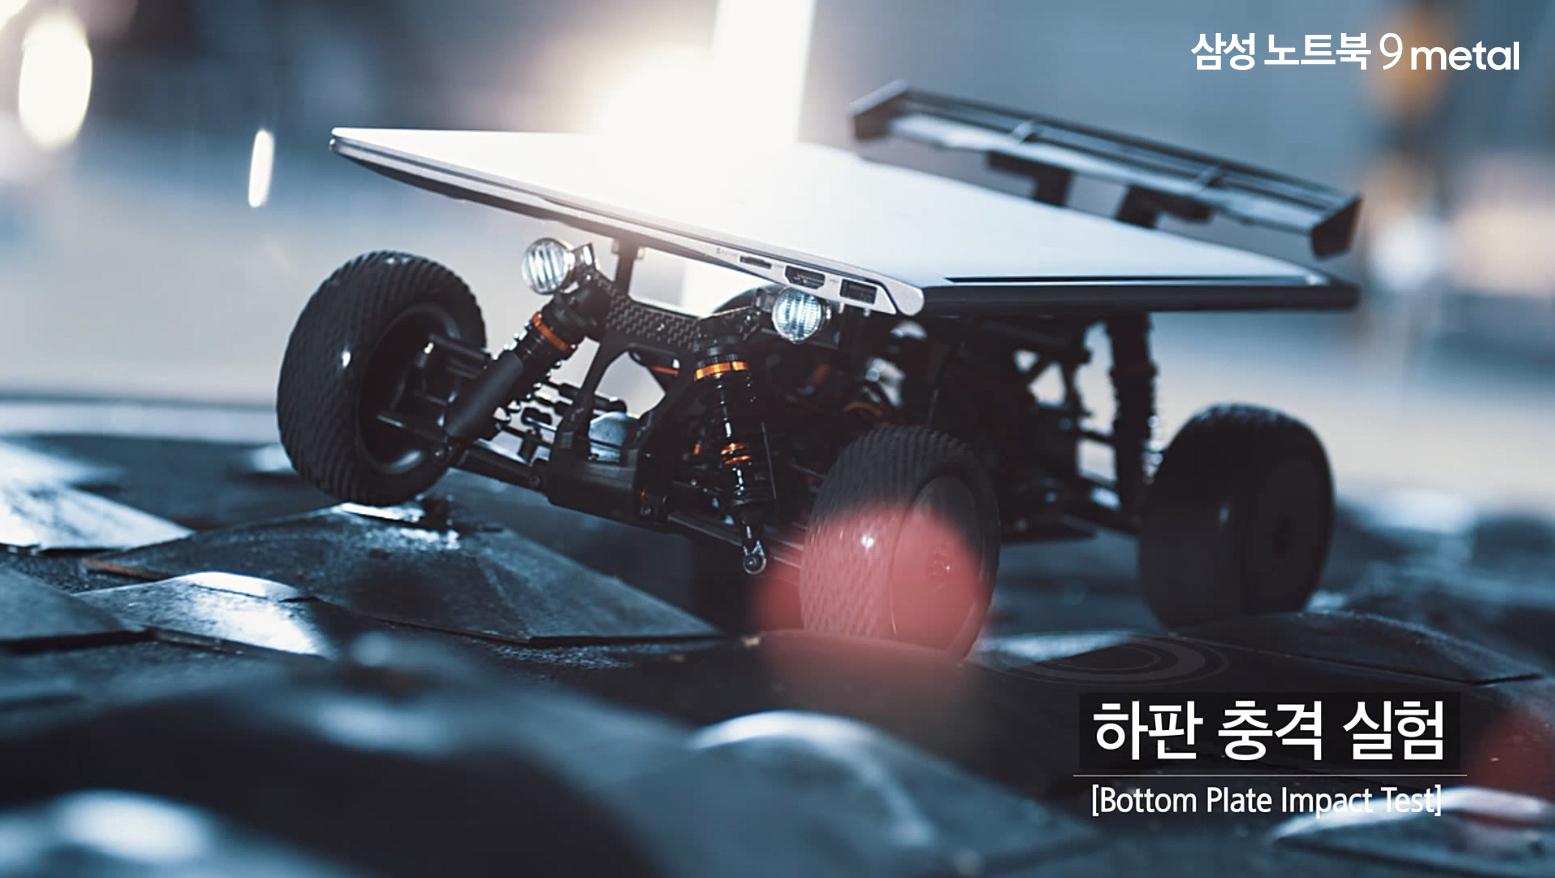 '삼성 노트북 9 메탈 레이스' 실험형 엔터테인먼트 영상 공개